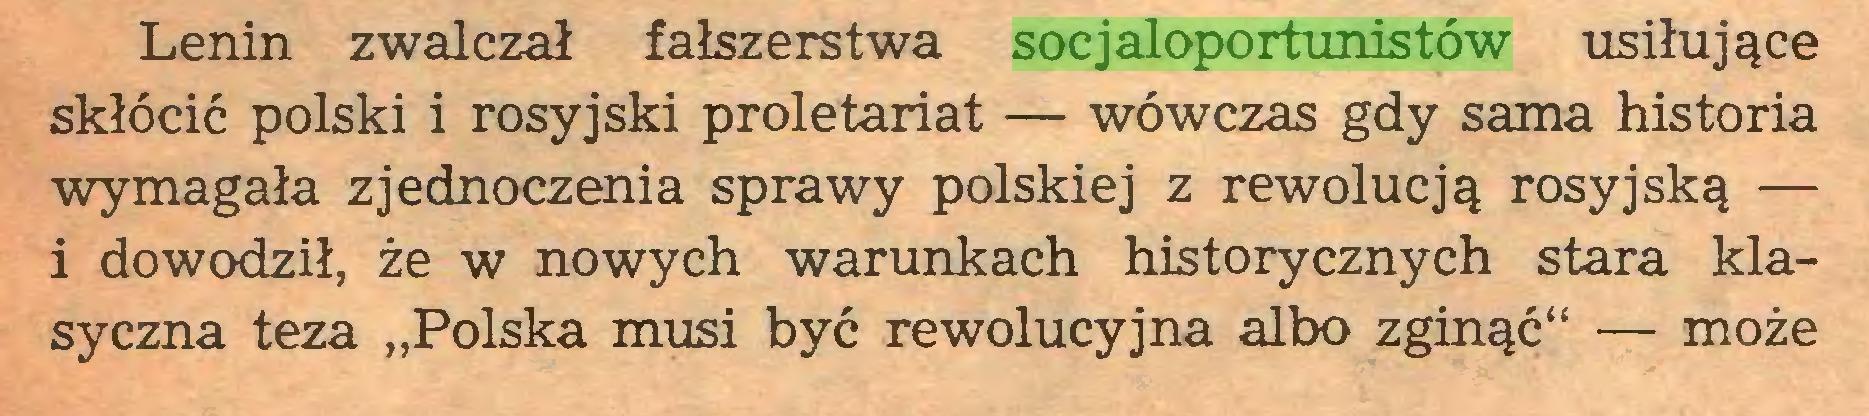 """(...) Lenin zwalczał fałszerstwa socjaloportunistów usiłujące skłócić polski i rosyjski proletariat — wówczas gdy sama historia wymagała zjednoczenia sprawy polskiej z rewolucją rosyjską — 1 dowodził, że w nowych warunkach historycznych stara klasyczna teza """"Polska musi być rewolucyjna albo zginąć"""" — może..."""